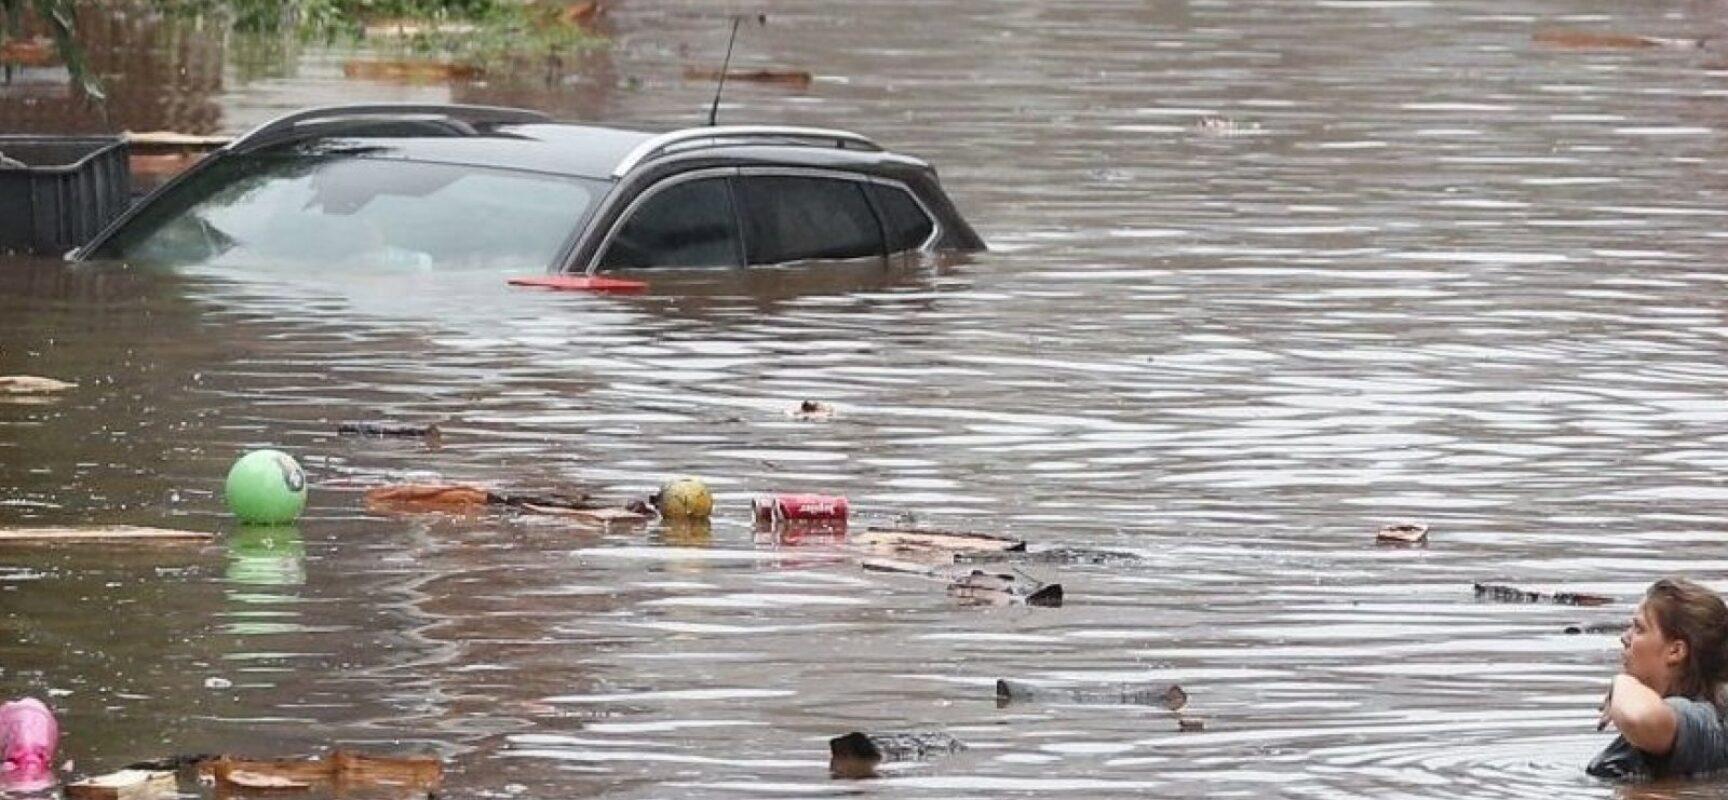 Grande volume de chuva causa enchentes, destruição e mortes na Europa